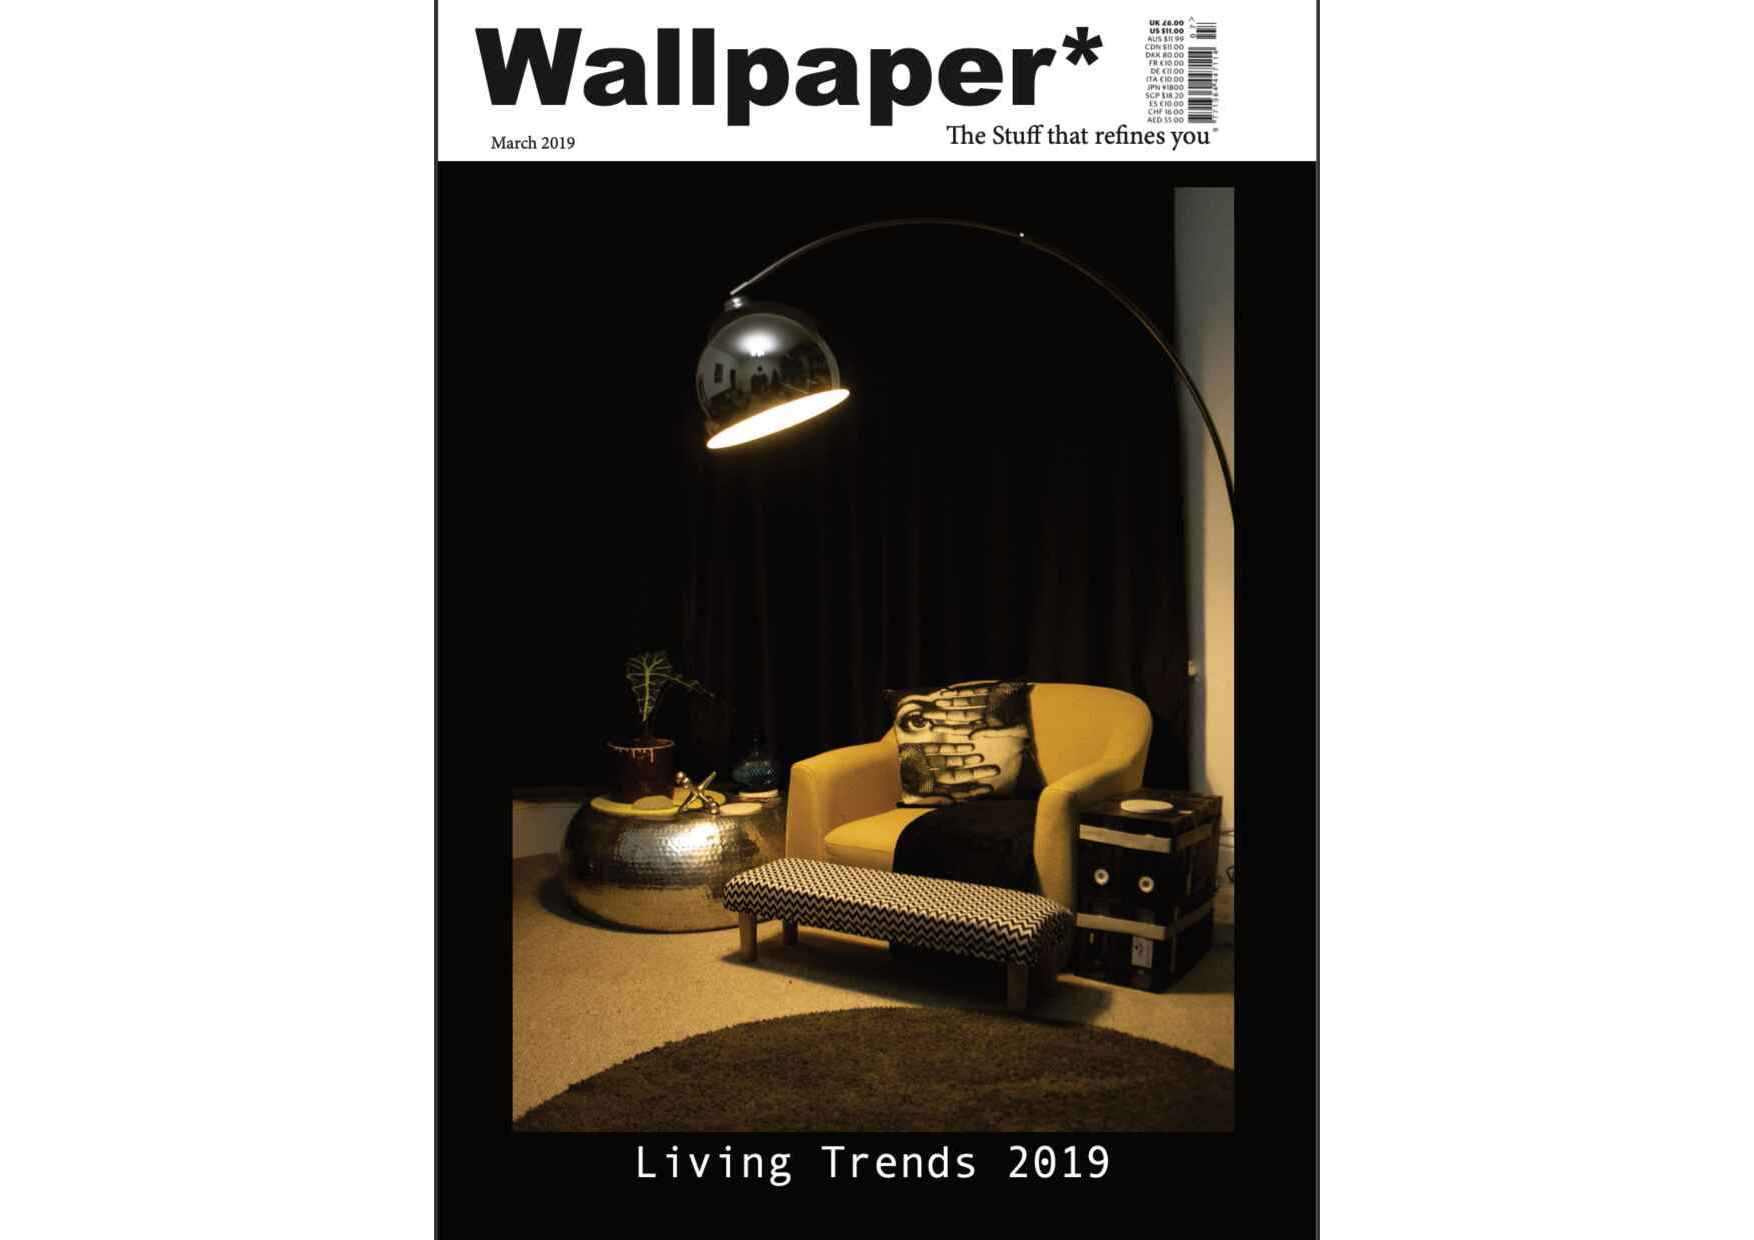 Wallpaper magazine spread